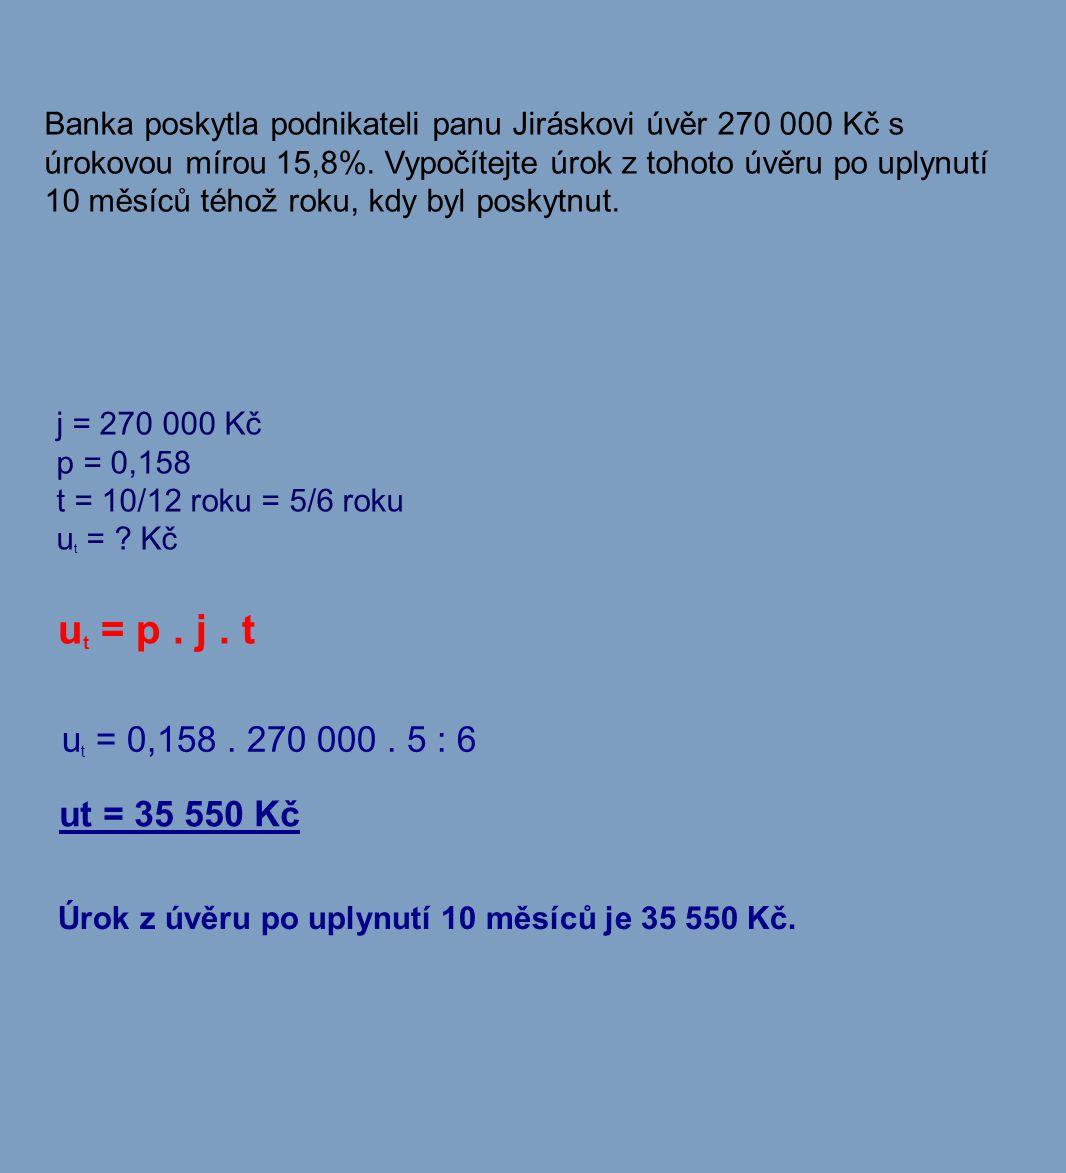 Banka poskytla podnikateli panu Jiráskovi úvěr 270 000 Kč s úrokovou mírou 15,8%. Vypočítejte úrok z tohoto úvěru po uplynutí 10 měsíců téhož roku, kdy byl poskytnut.